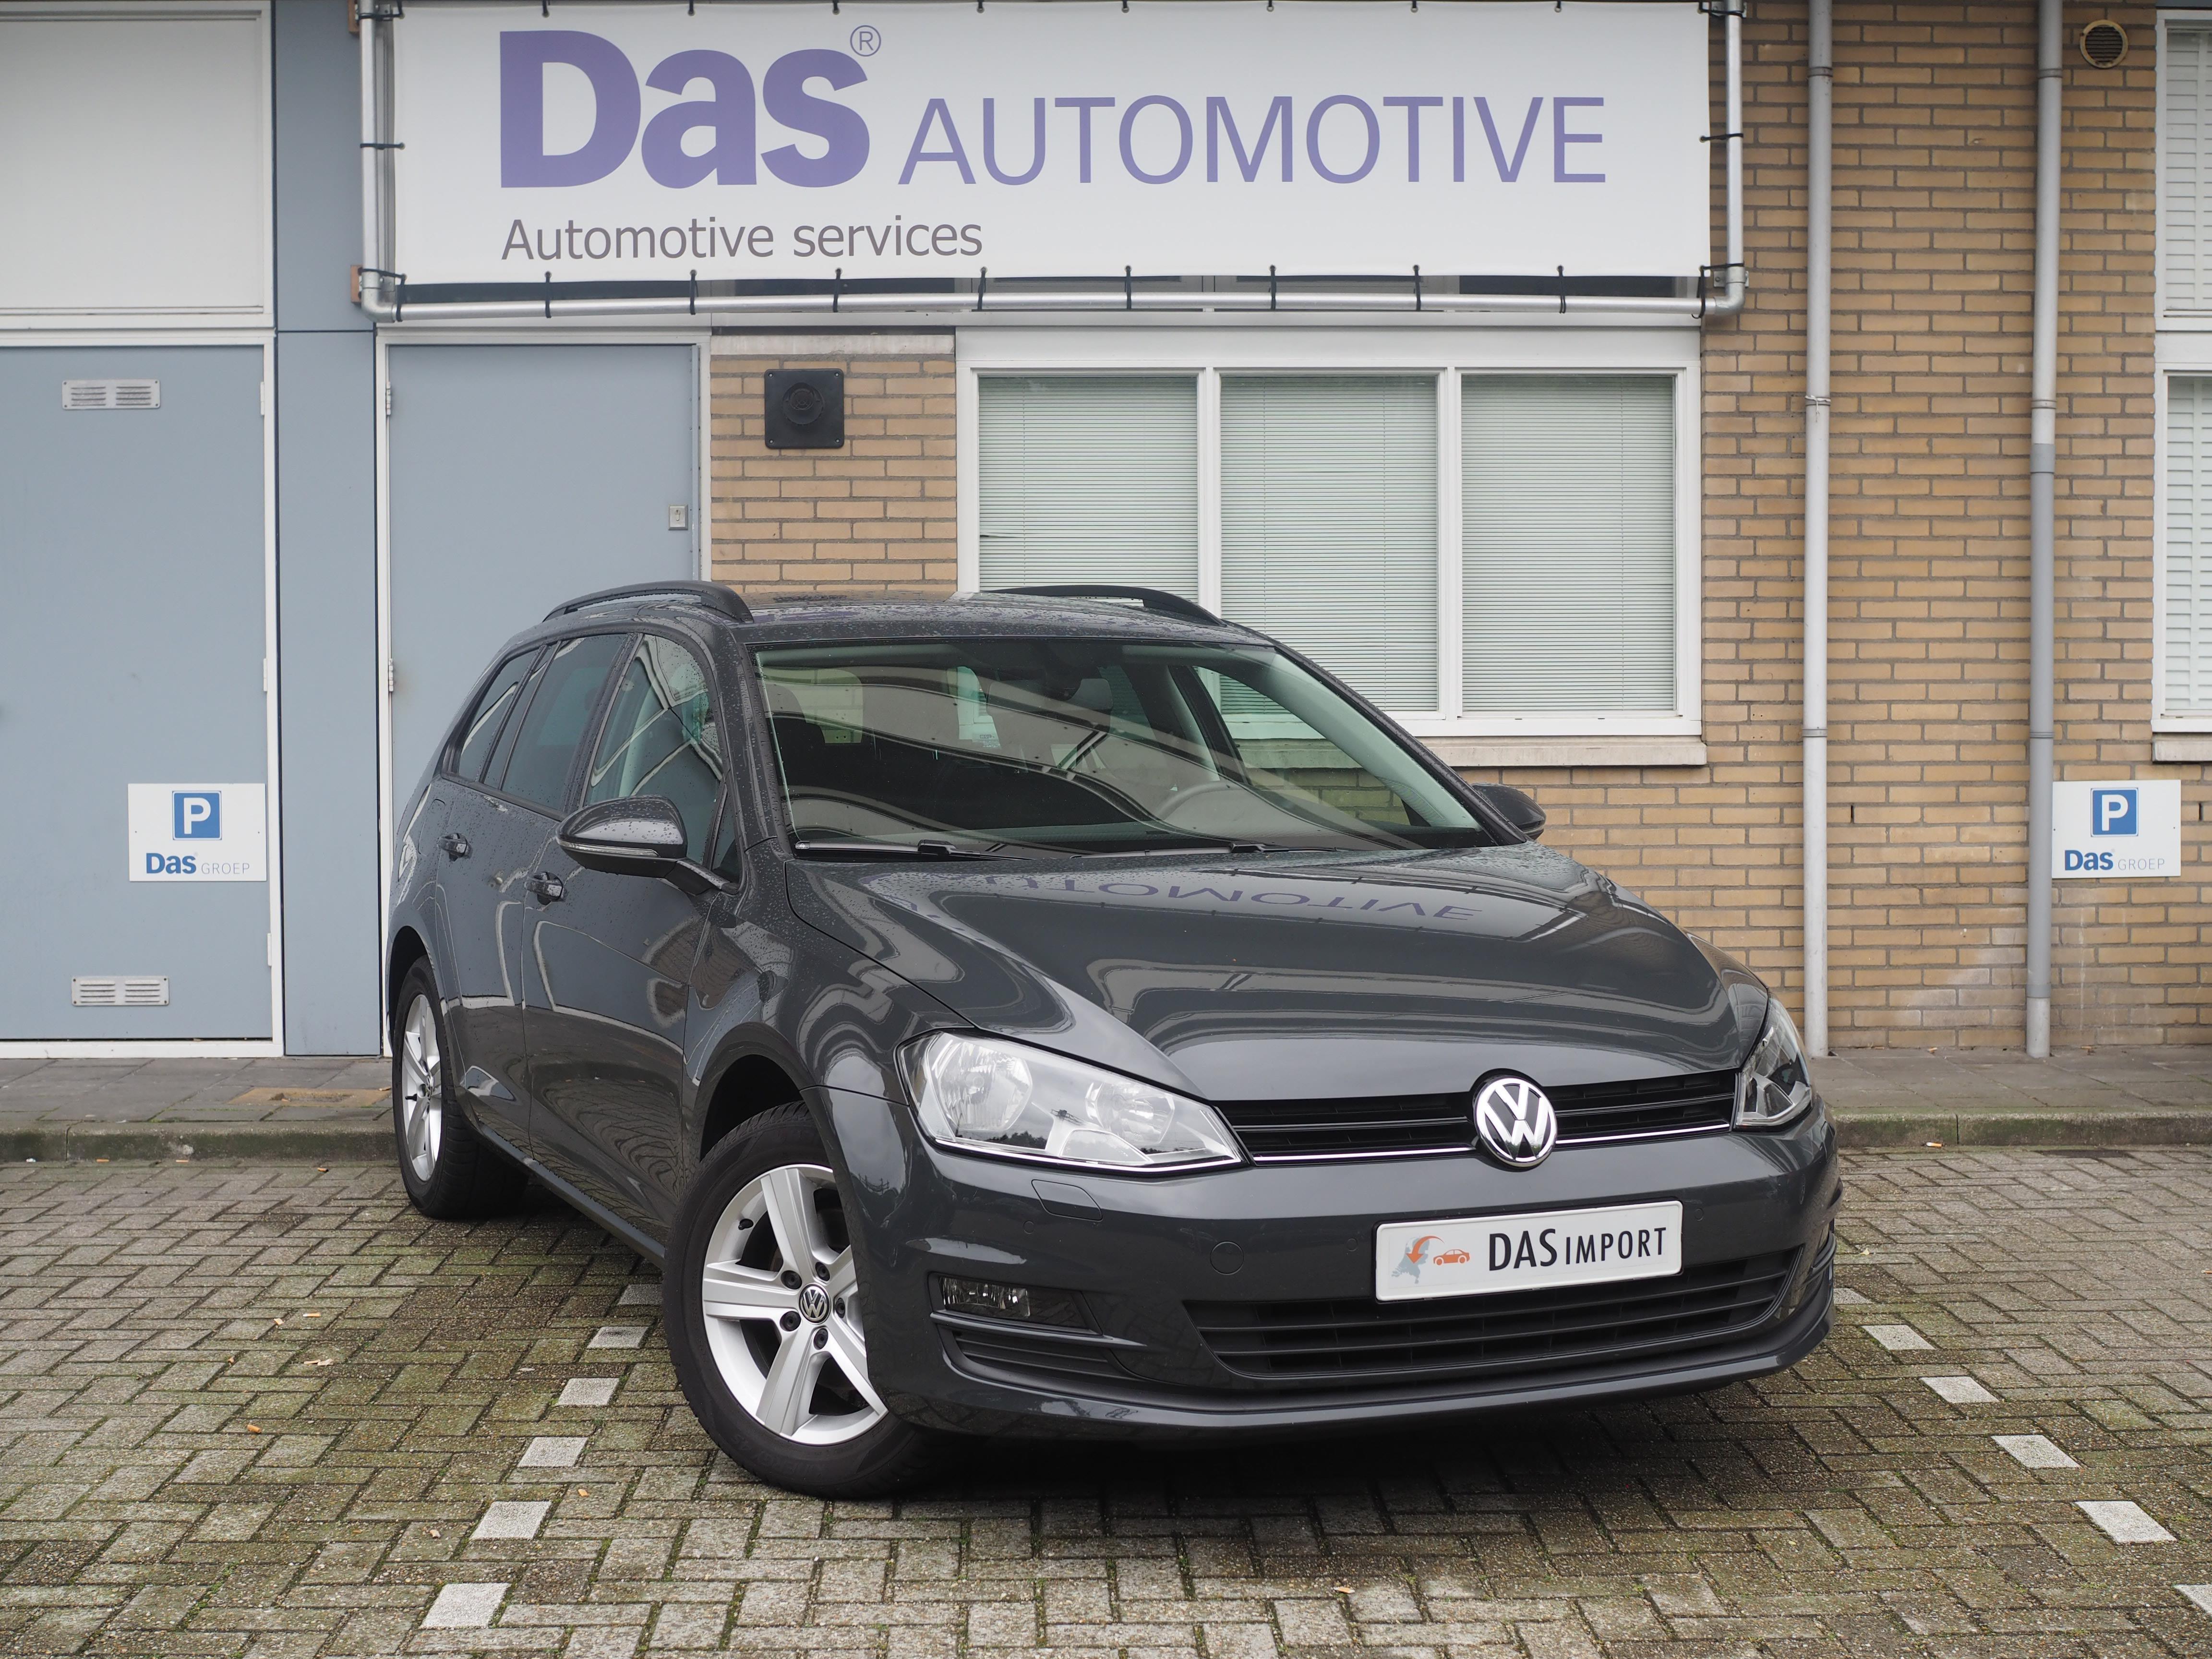 Importauto: Volkswagen Golf Variant 1.2 TSI 105pk Comfortline 8/2013